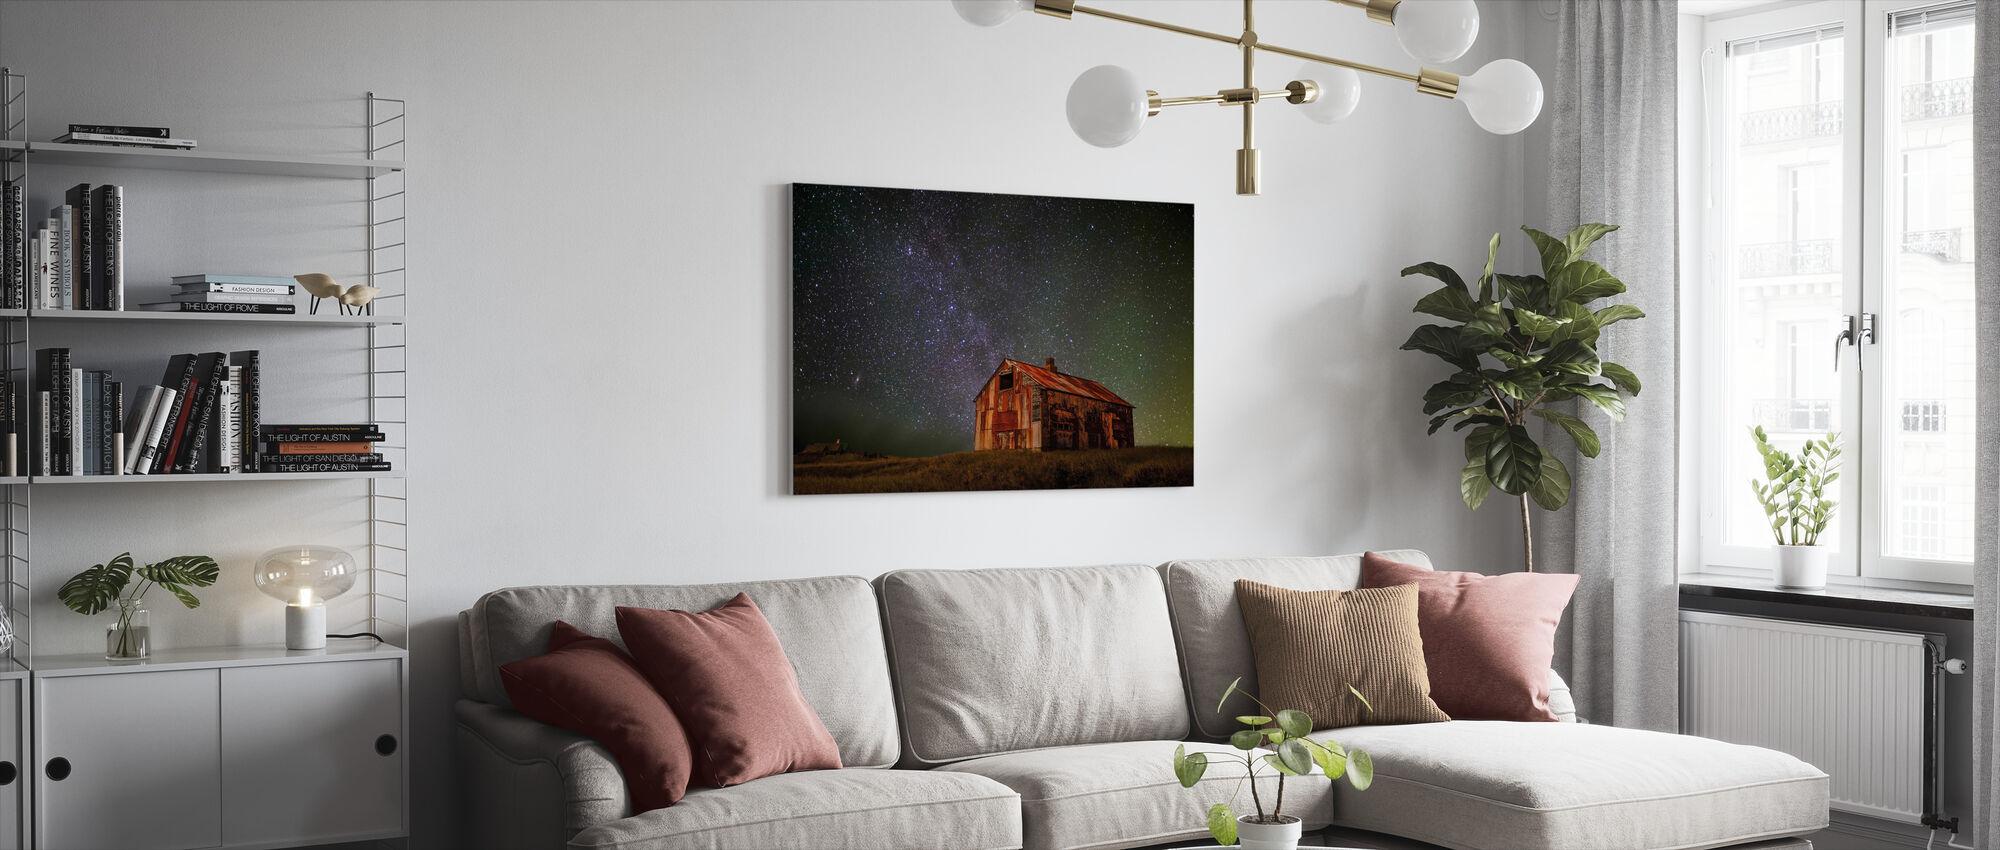 Rymd hus - Canvastavla - Vardagsrum